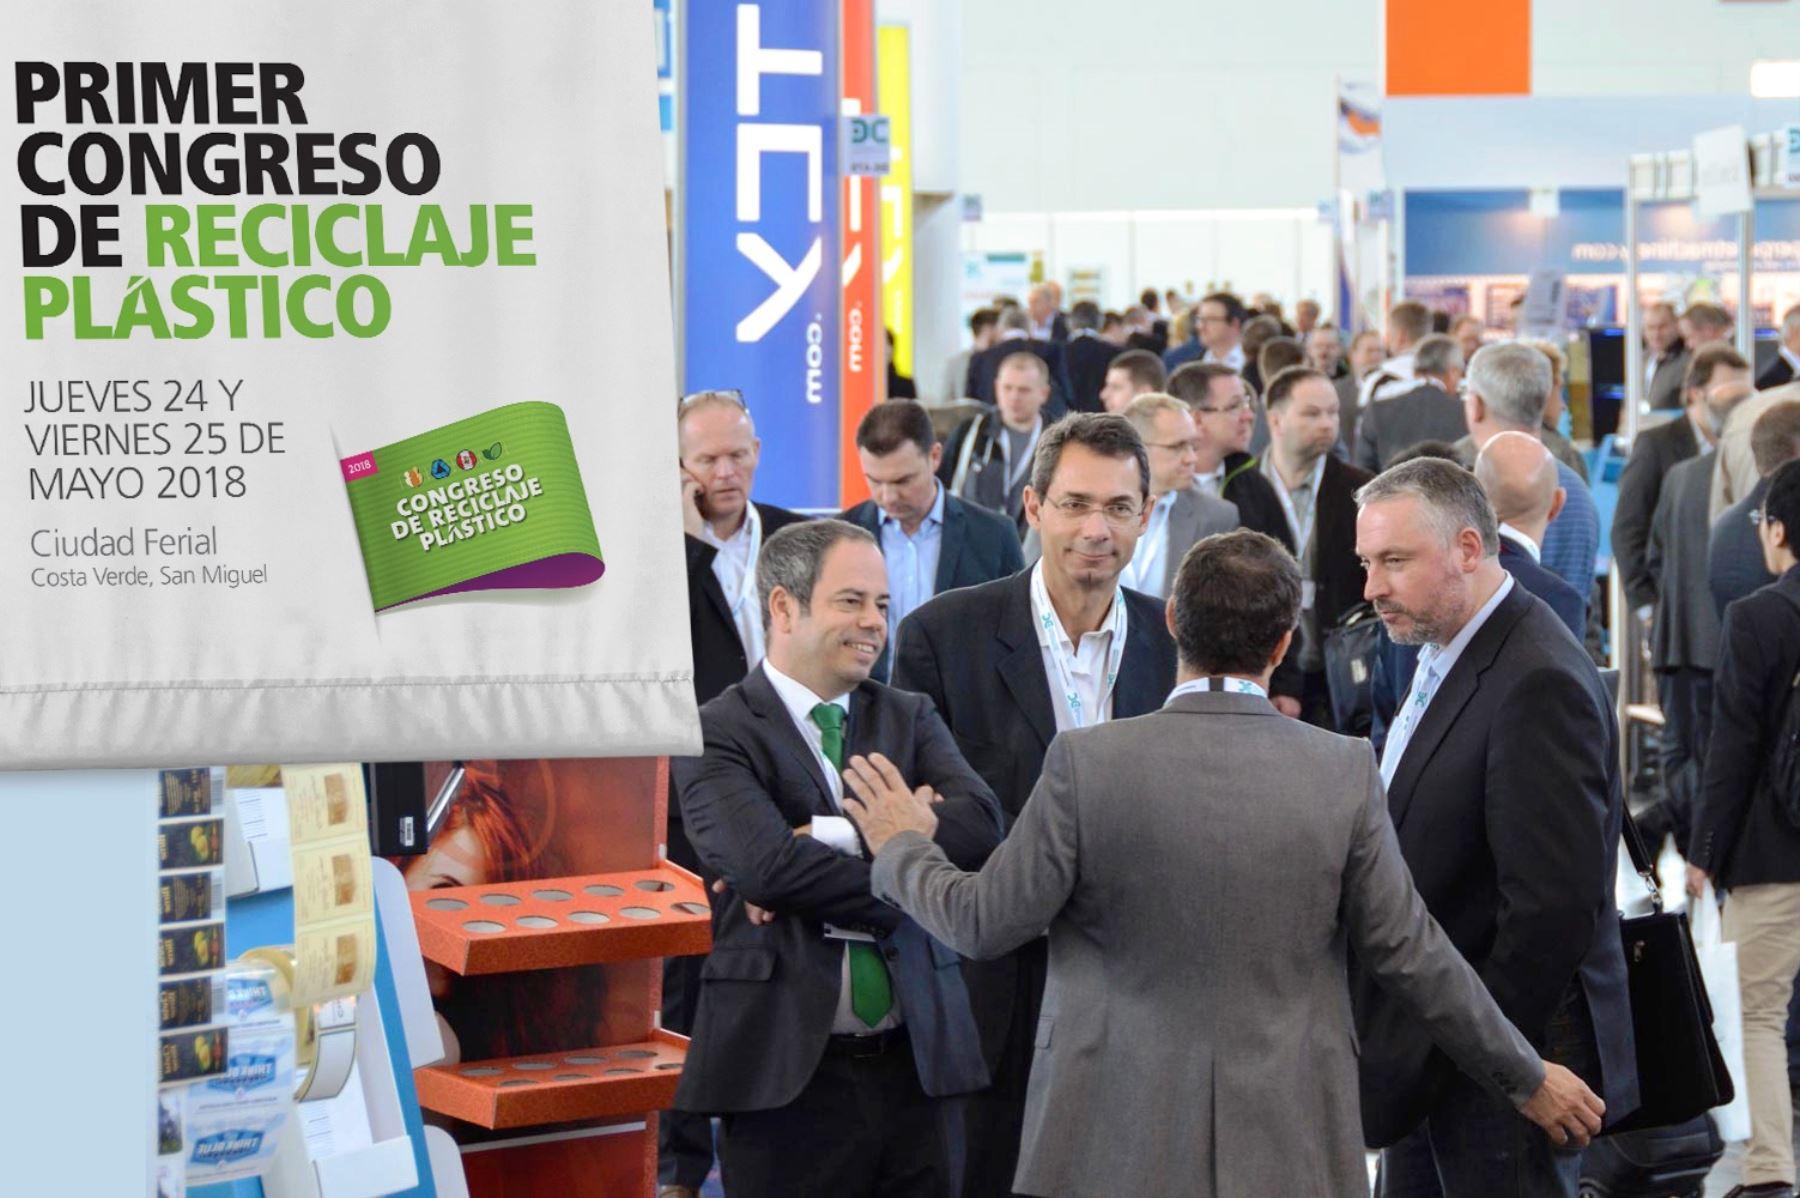 Lima será sede de congreso internacional sobre reciclaje del plástico. Foto: ANDINA/Difusión.